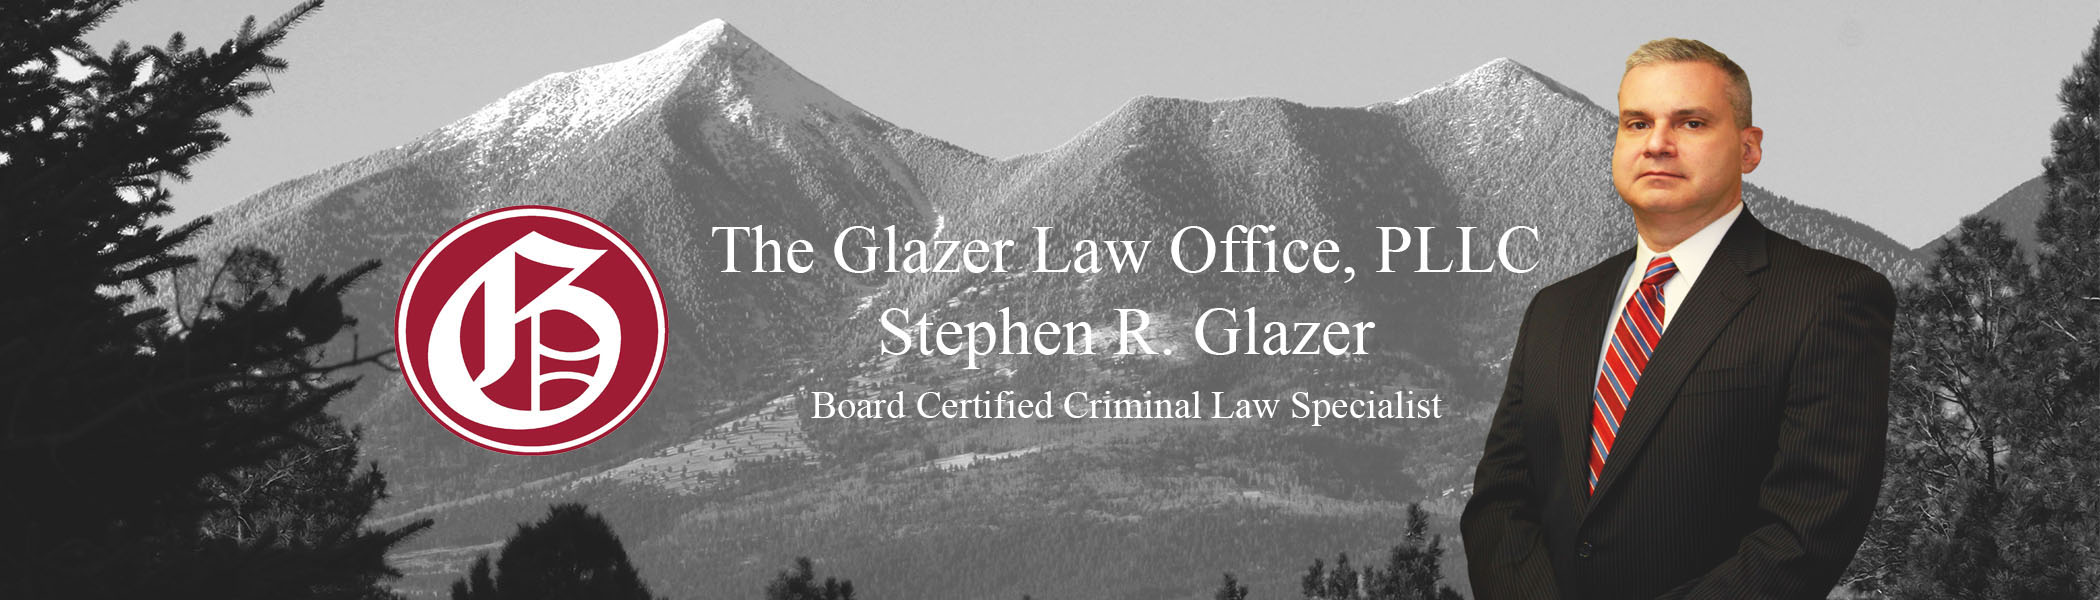 glazer-header-only-steve